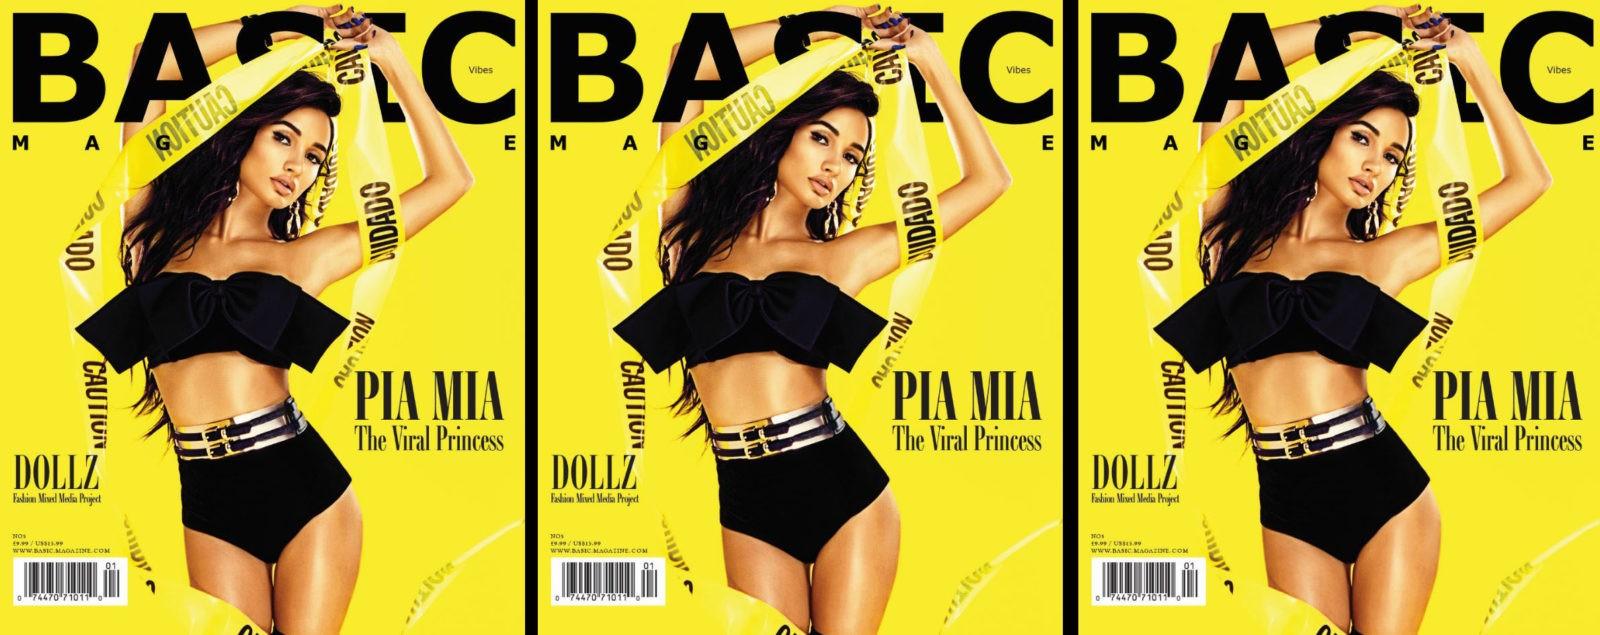 PIA MIA BASIC Cover Star #VIBEZissue